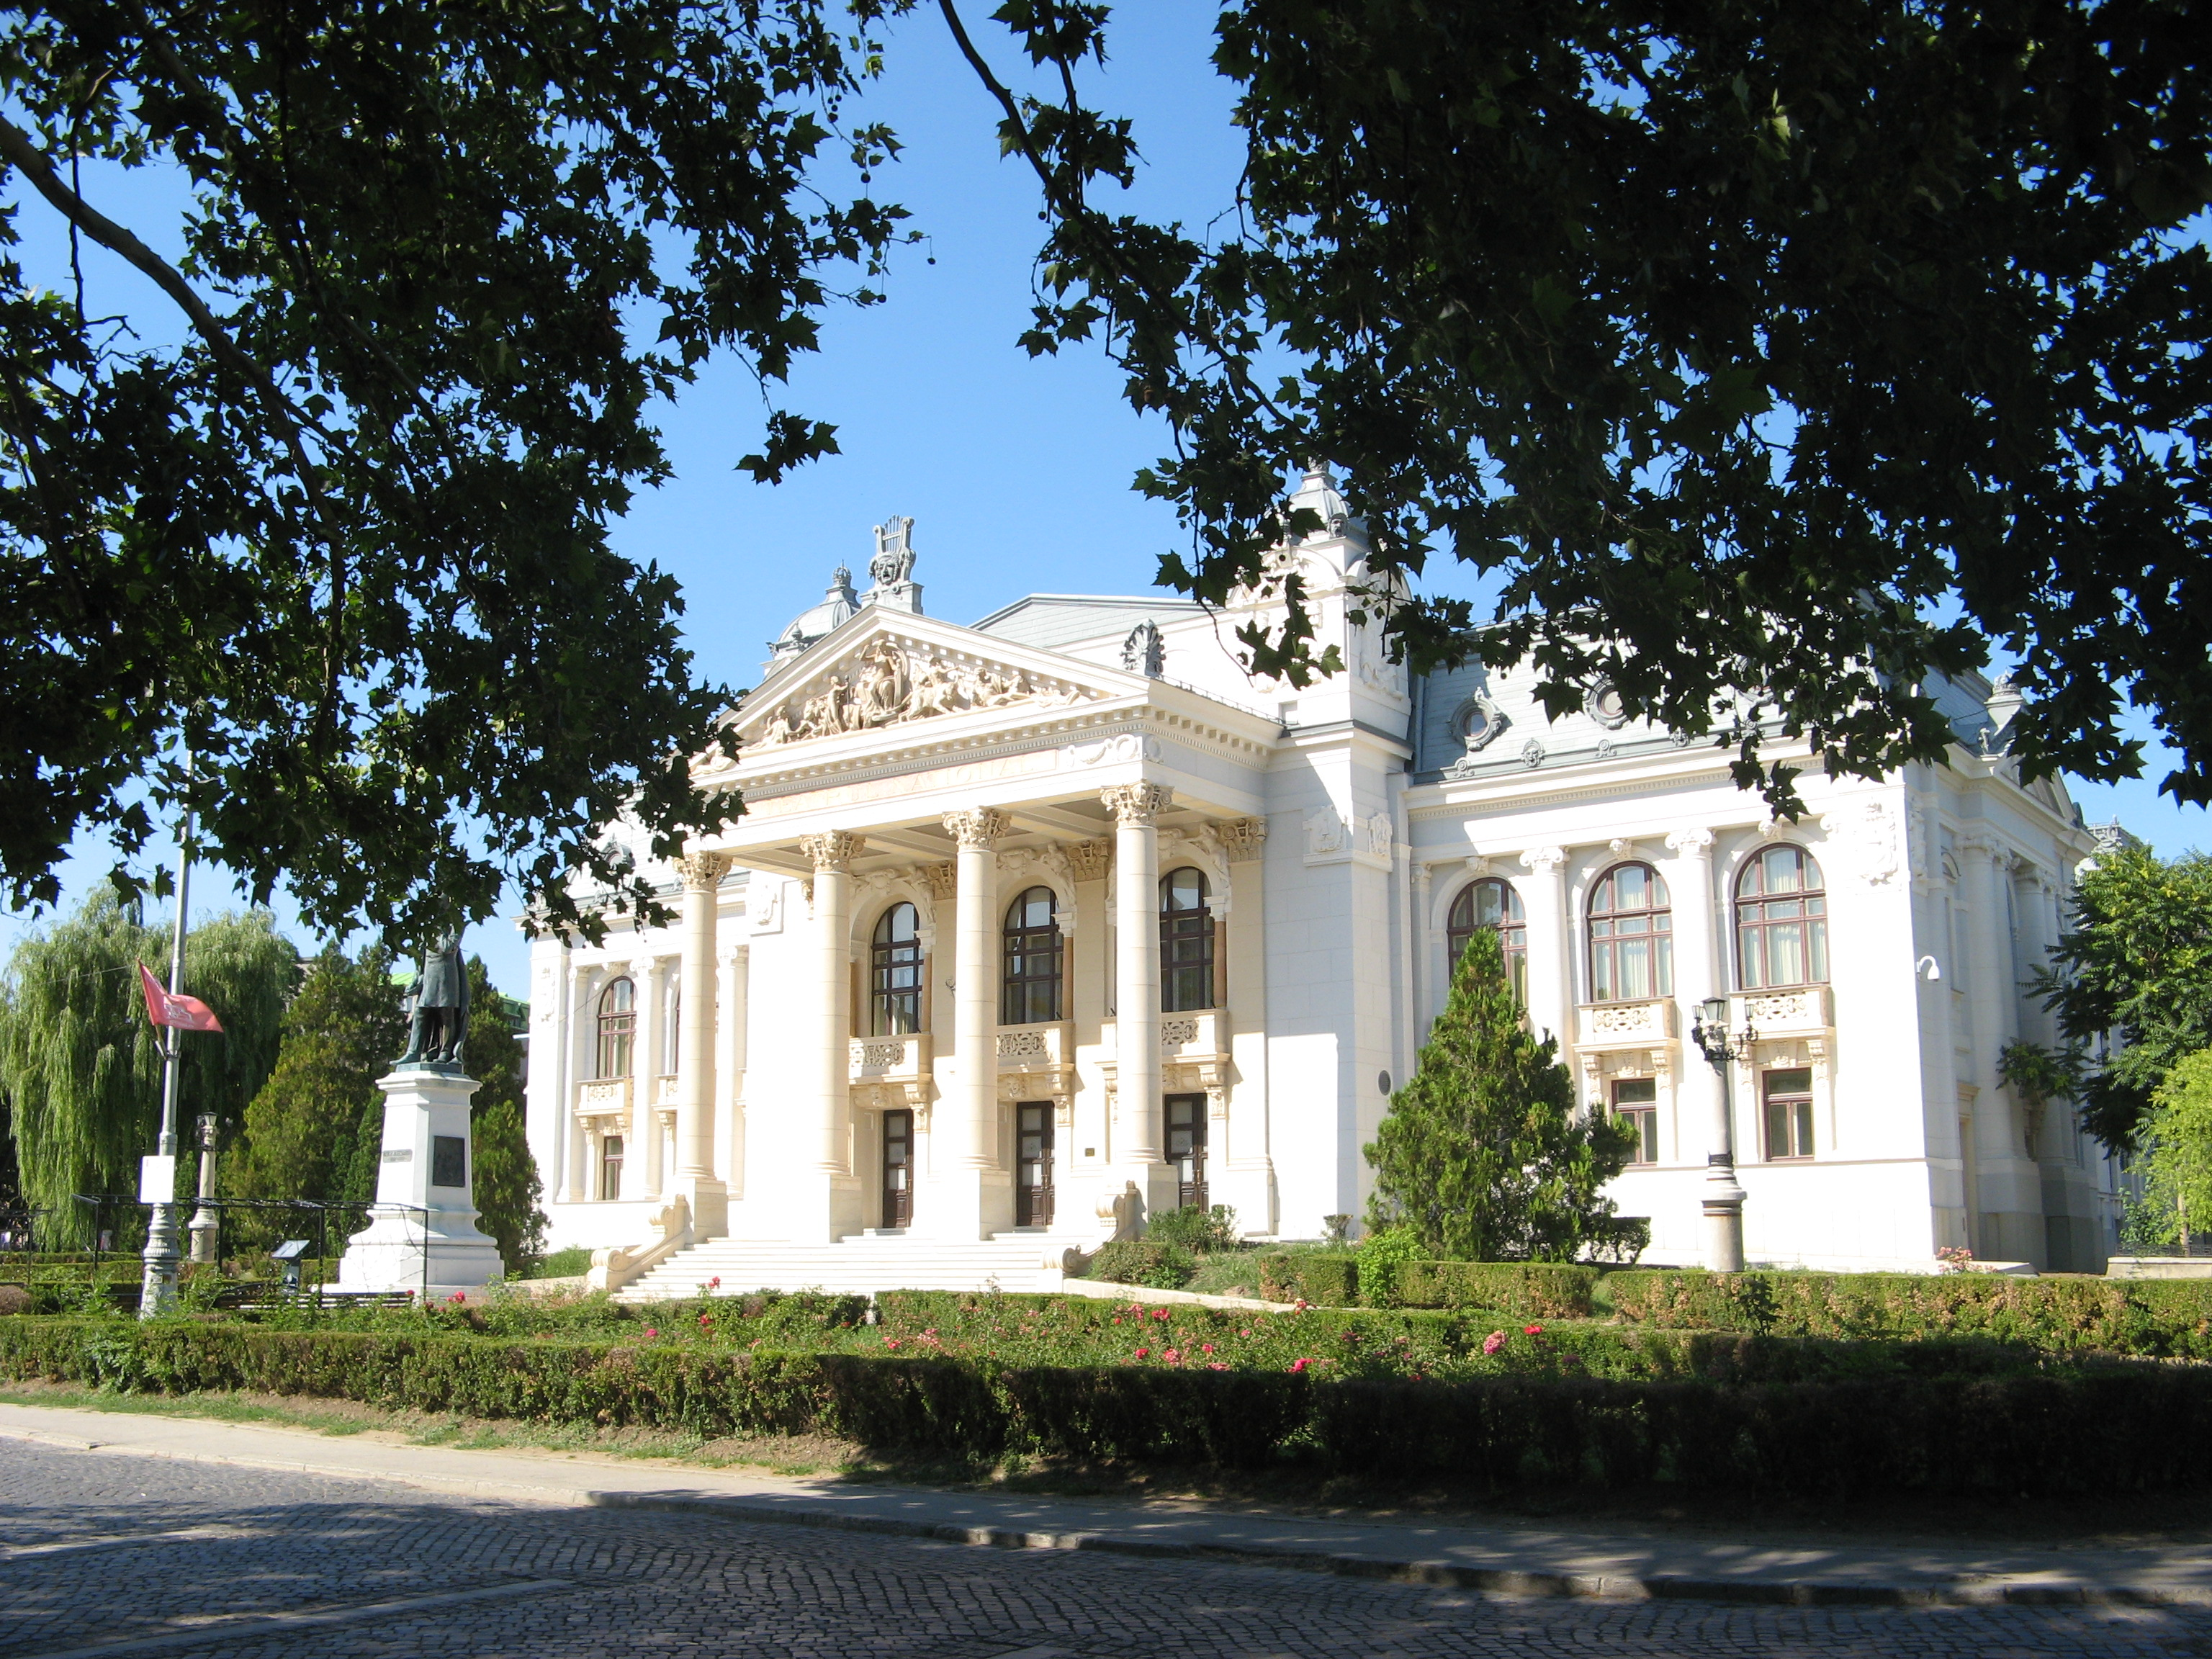 Zeci de percheziții ale DIICOT într-un dosar de delapidare la Opera Națională Iași. Beatrice Rancea, dusă la audieri